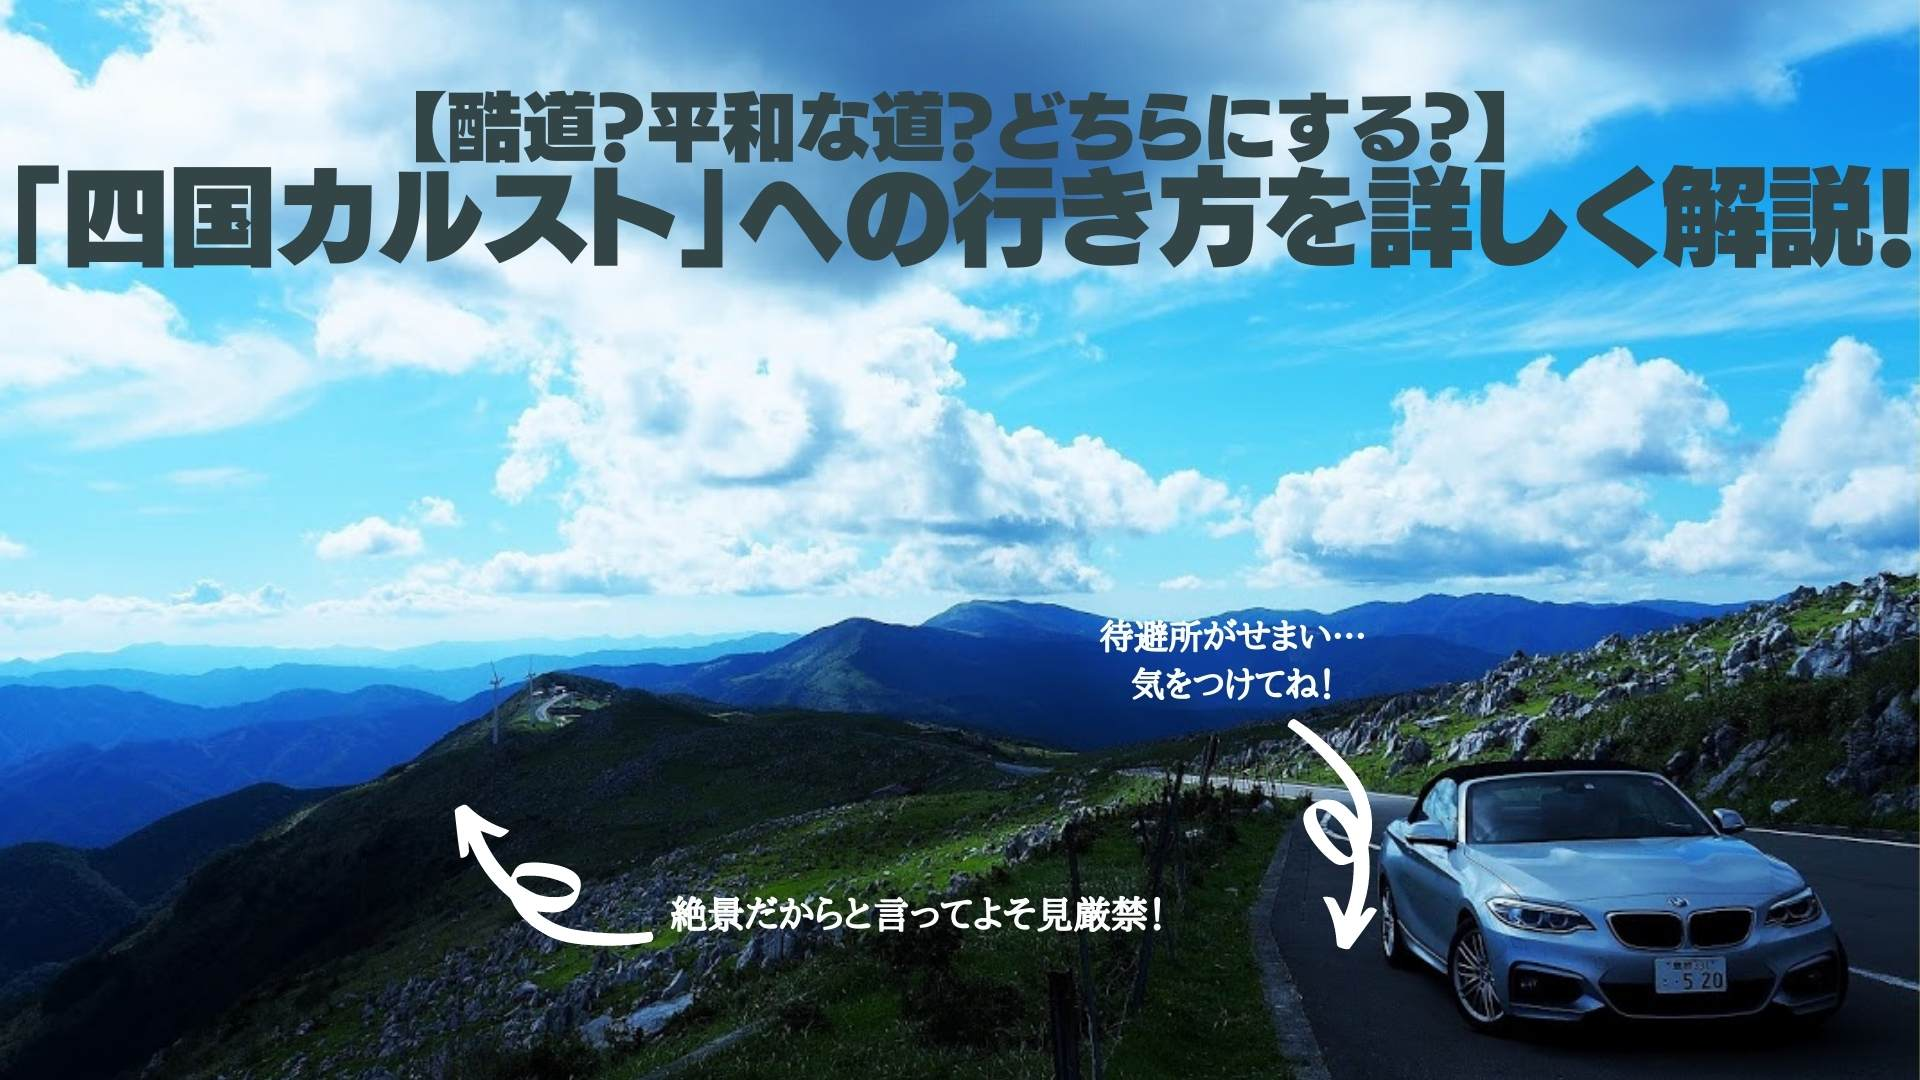 【酷道?平和な道?どちらにする?】 「四国カルスト」への行き方を詳しく解説!